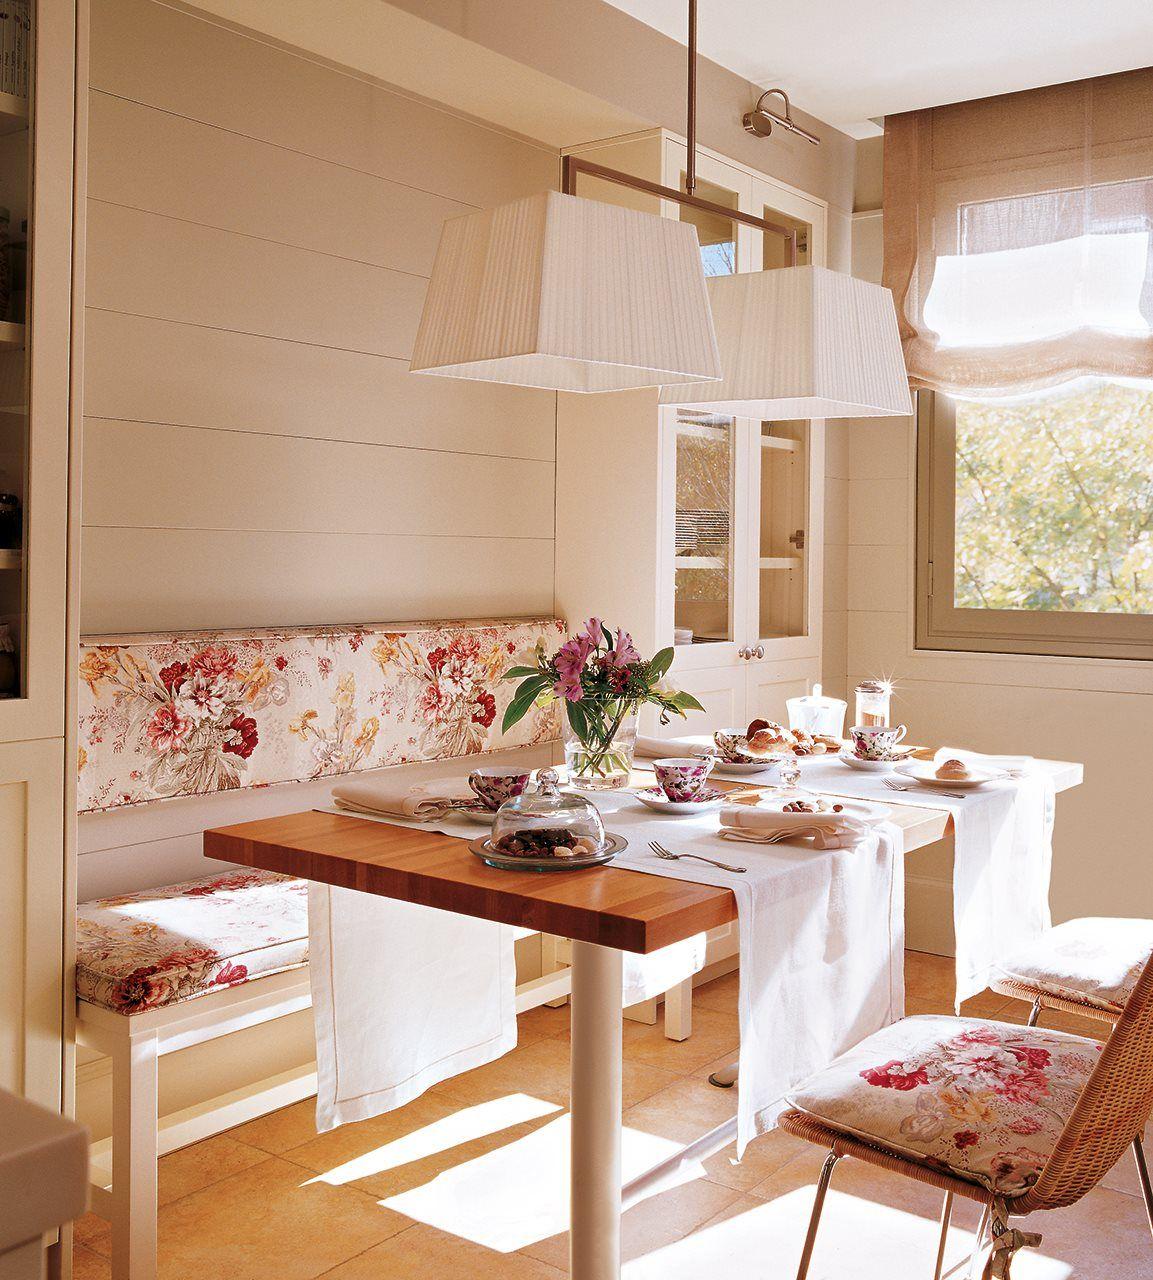 10 cocinas pequeñas con maxi ideas | La patilla, El espacio y Ocupada